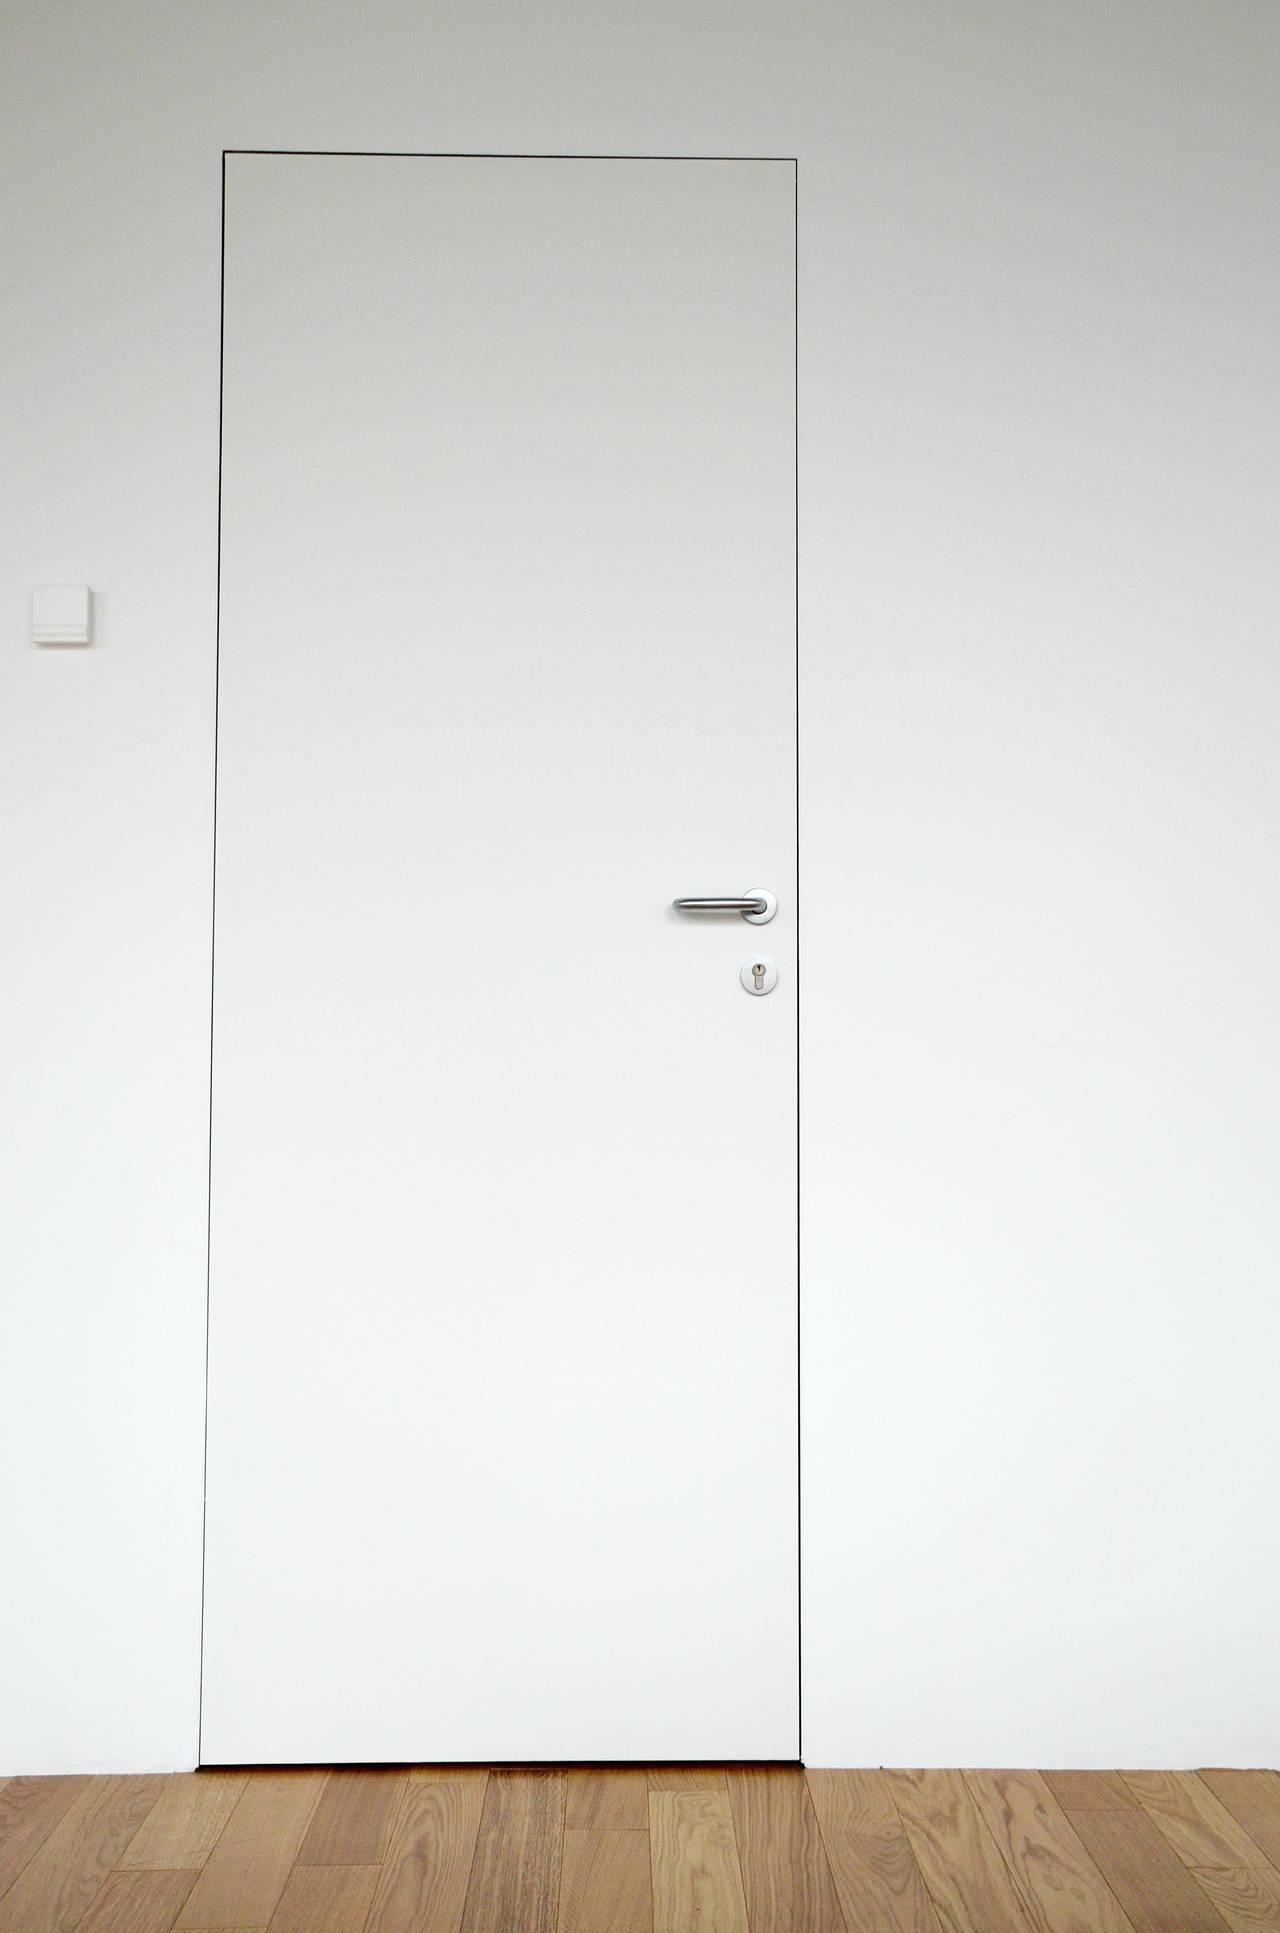 Bertolotto porte per la fondazione feltrinelli a milano - Bertolotto porte torino ...